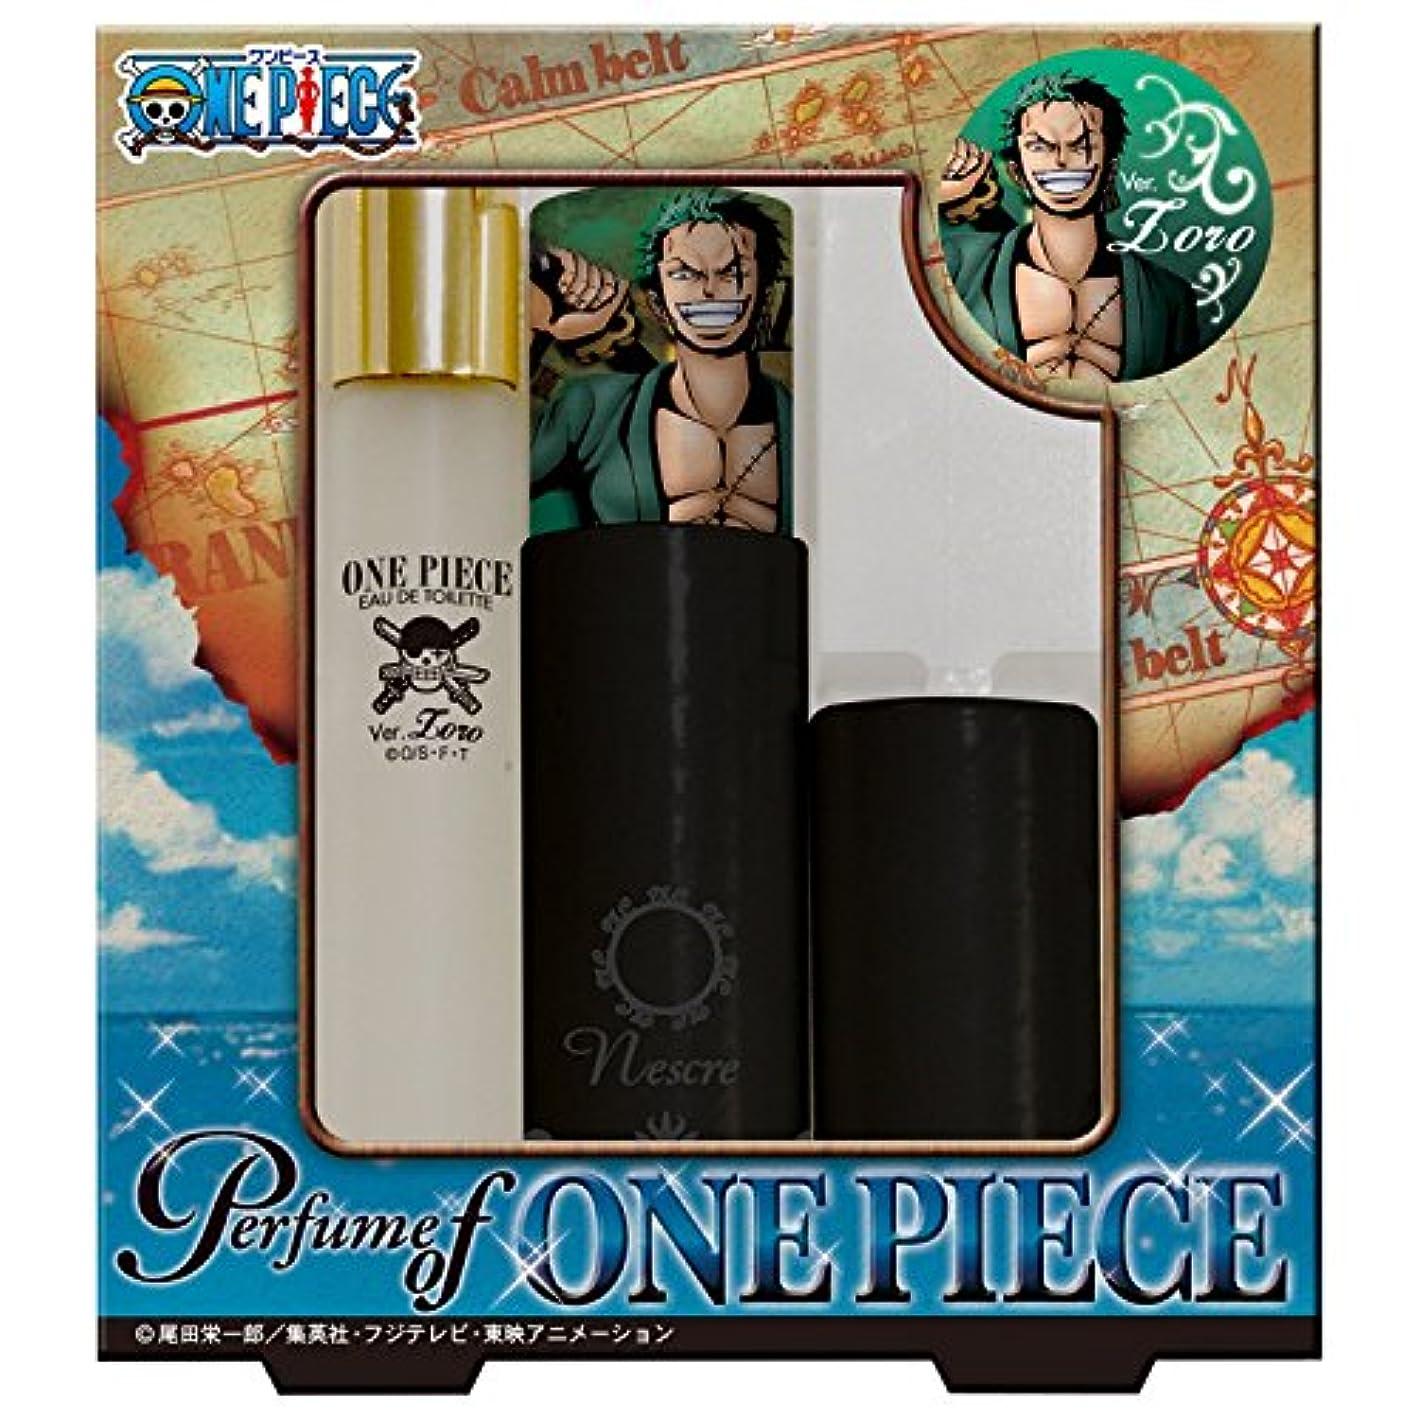 ポイントデコードする申し立てるNESCRE Perfume of ONEPIECE Ver.Zoro 15mL 専用バッグインケース付 日本製